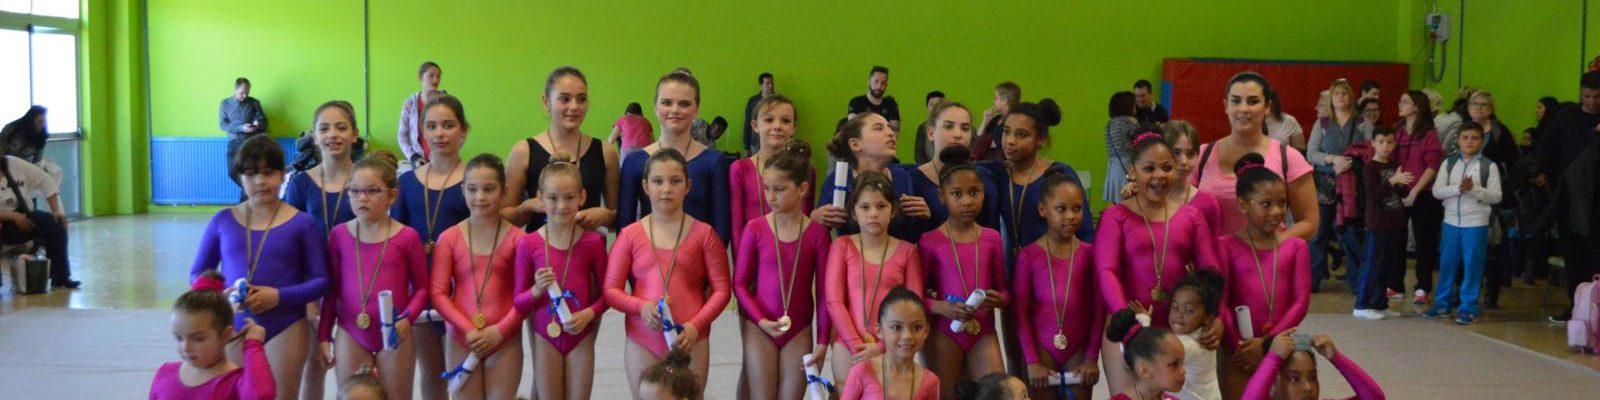 Exhibiciones – Actividades APYMA – Curso 2015/2016.